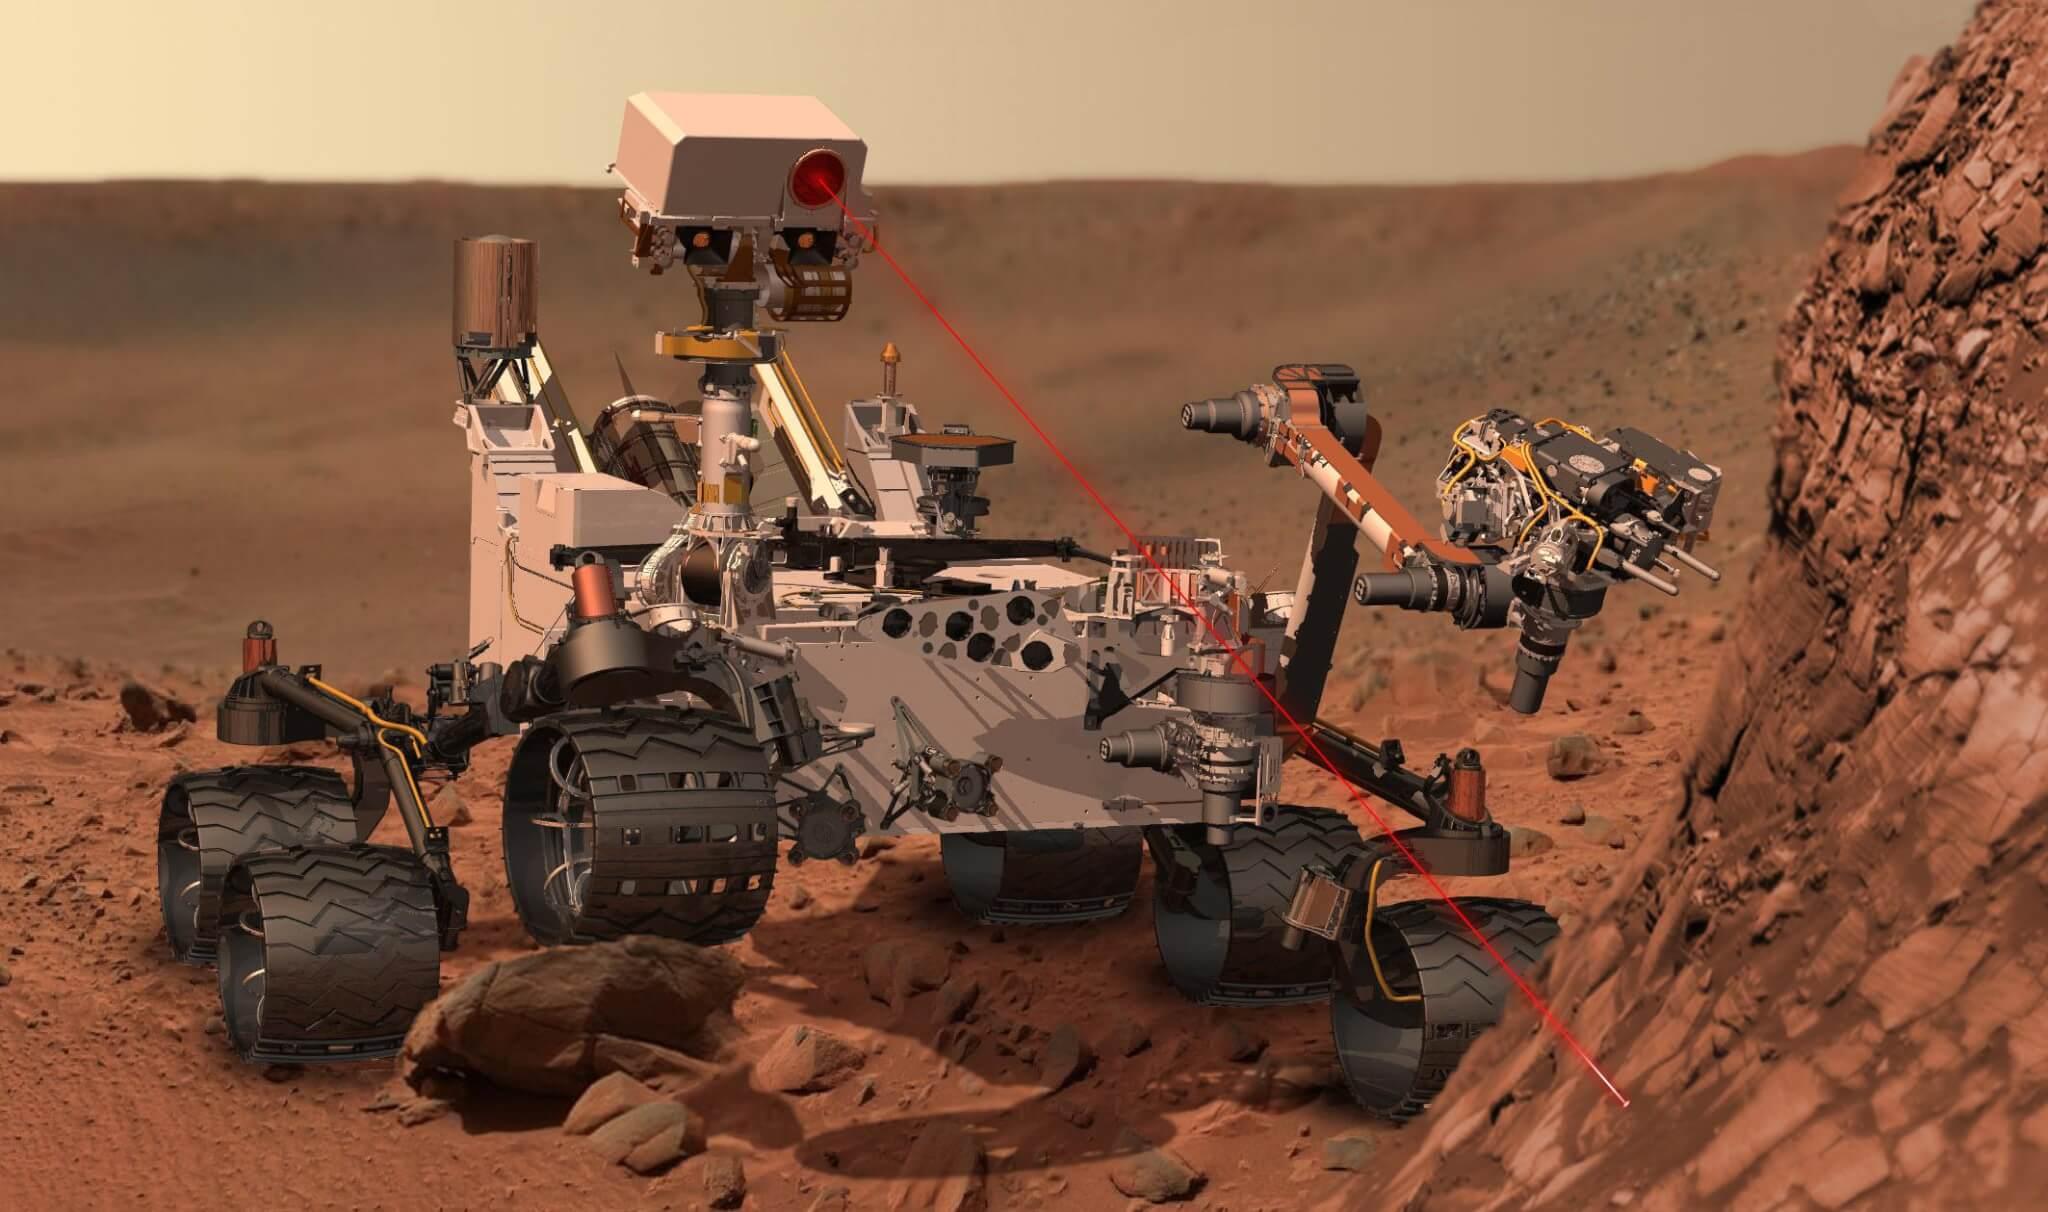 Загадка Марса: каждую весну планета обогащается кислородом, к осени он исчезает